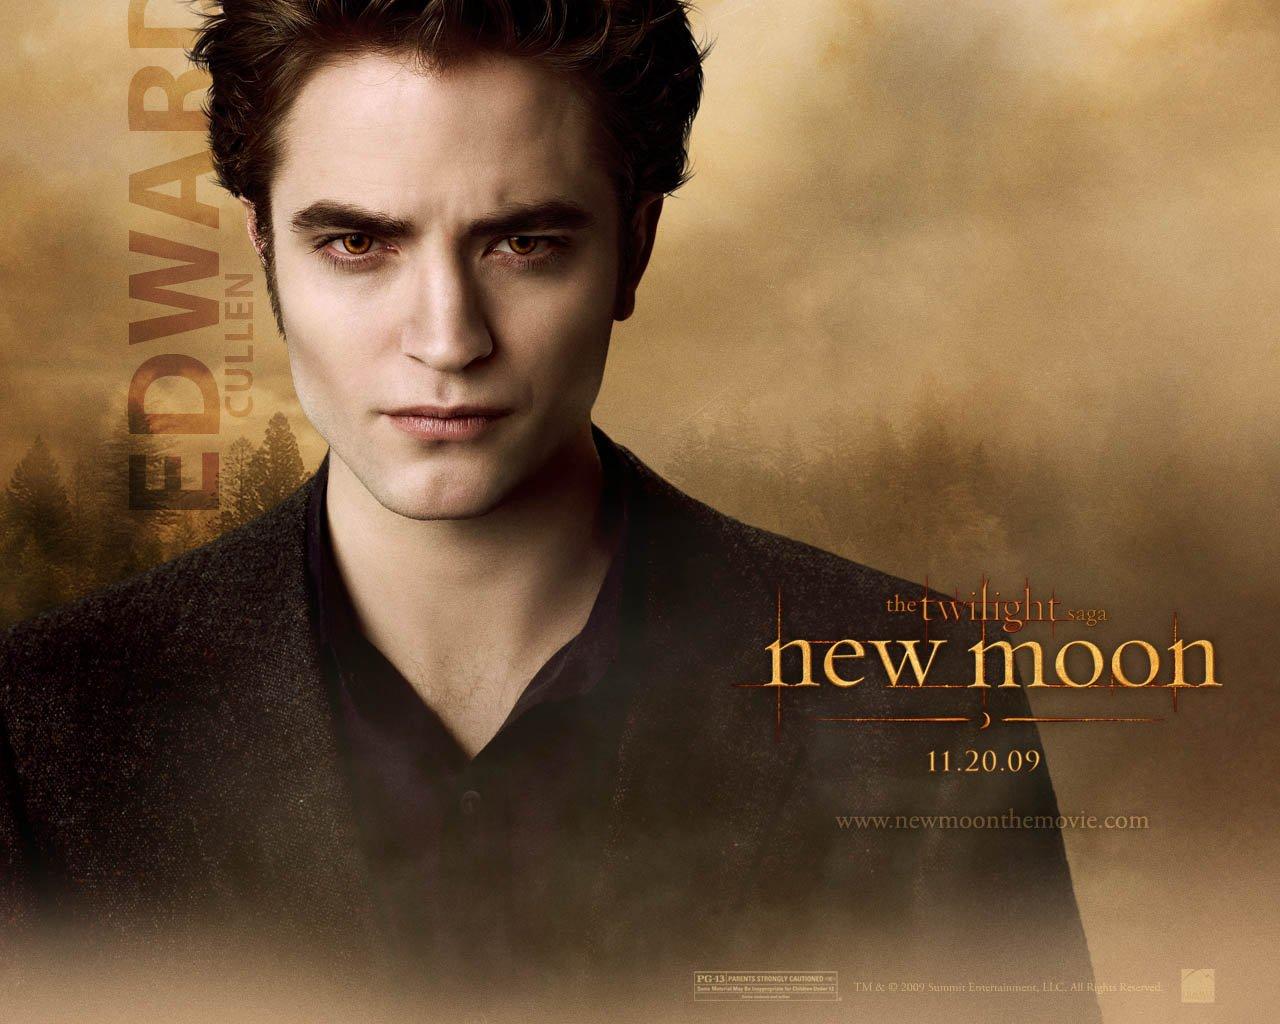 暮光之城2新月电影_壁纸1280×1024The Twilight Saga New Moon 暮光之城2 新月桌面壁纸壁纸 ...